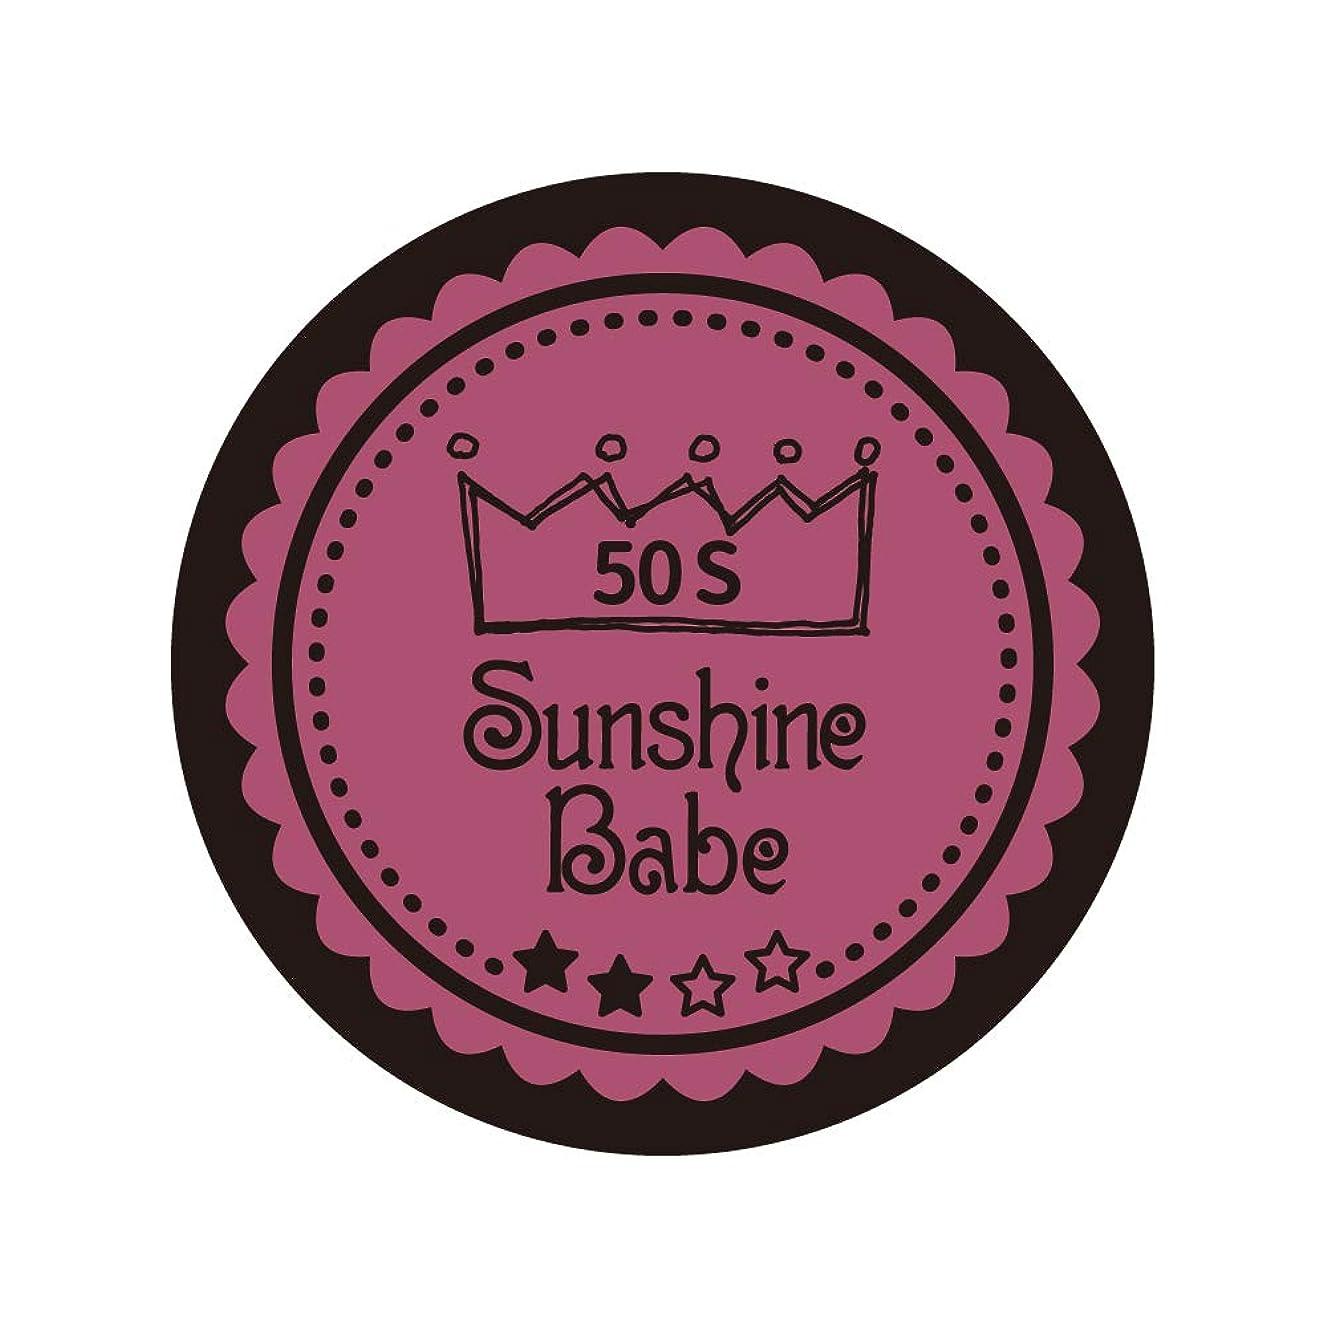 納得させる誇張する警察署Sunshine Babe カラージェル 50S ベイクドピンク 2.7g UV/LED対応